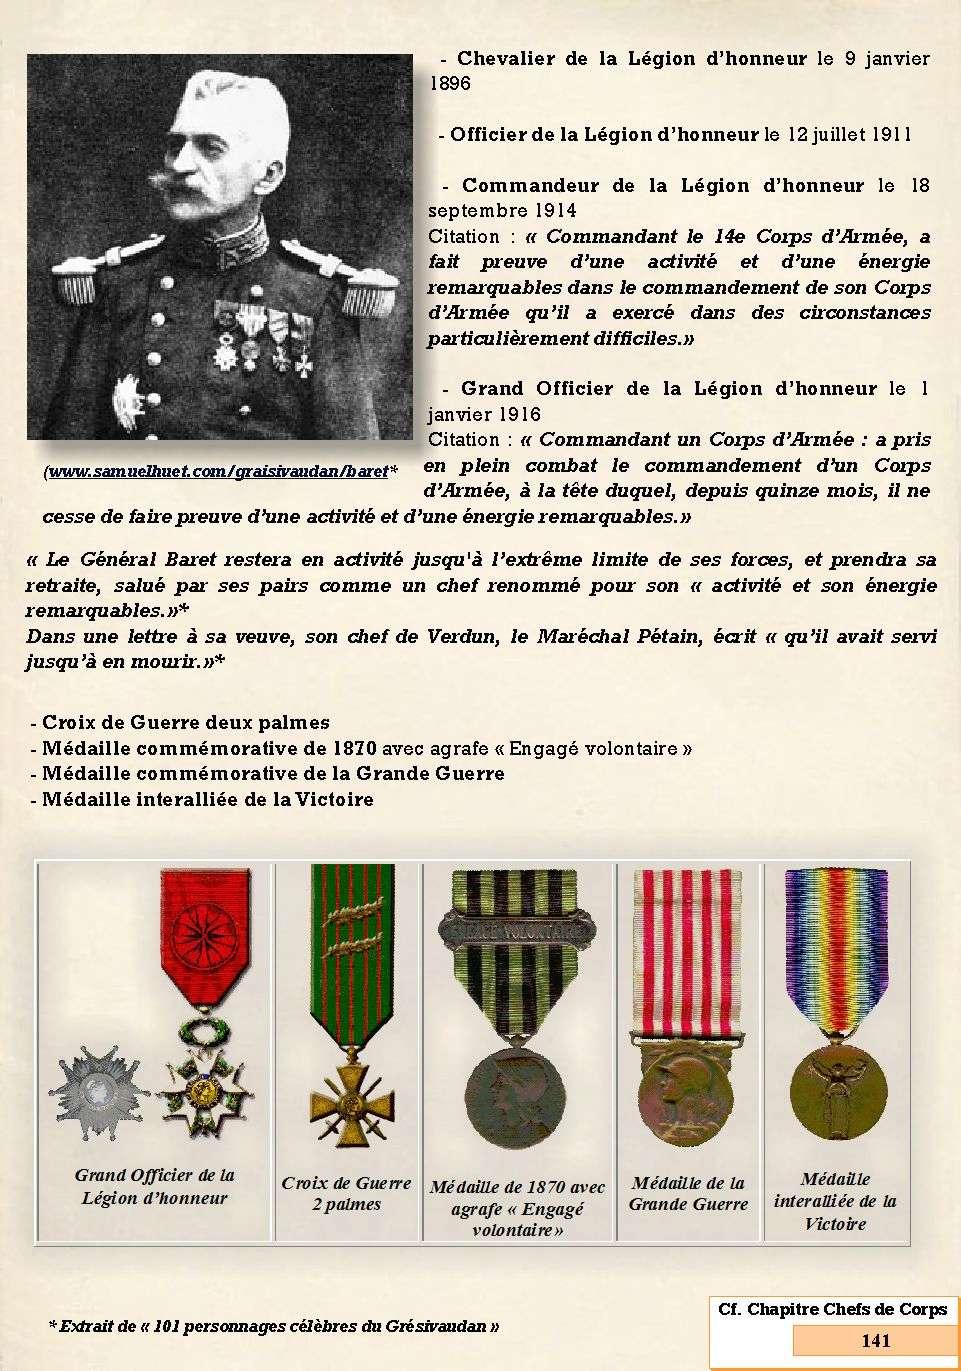 L'Historique du 14e Bataillon de Chasseurs. 1854 - 1962 Page_166